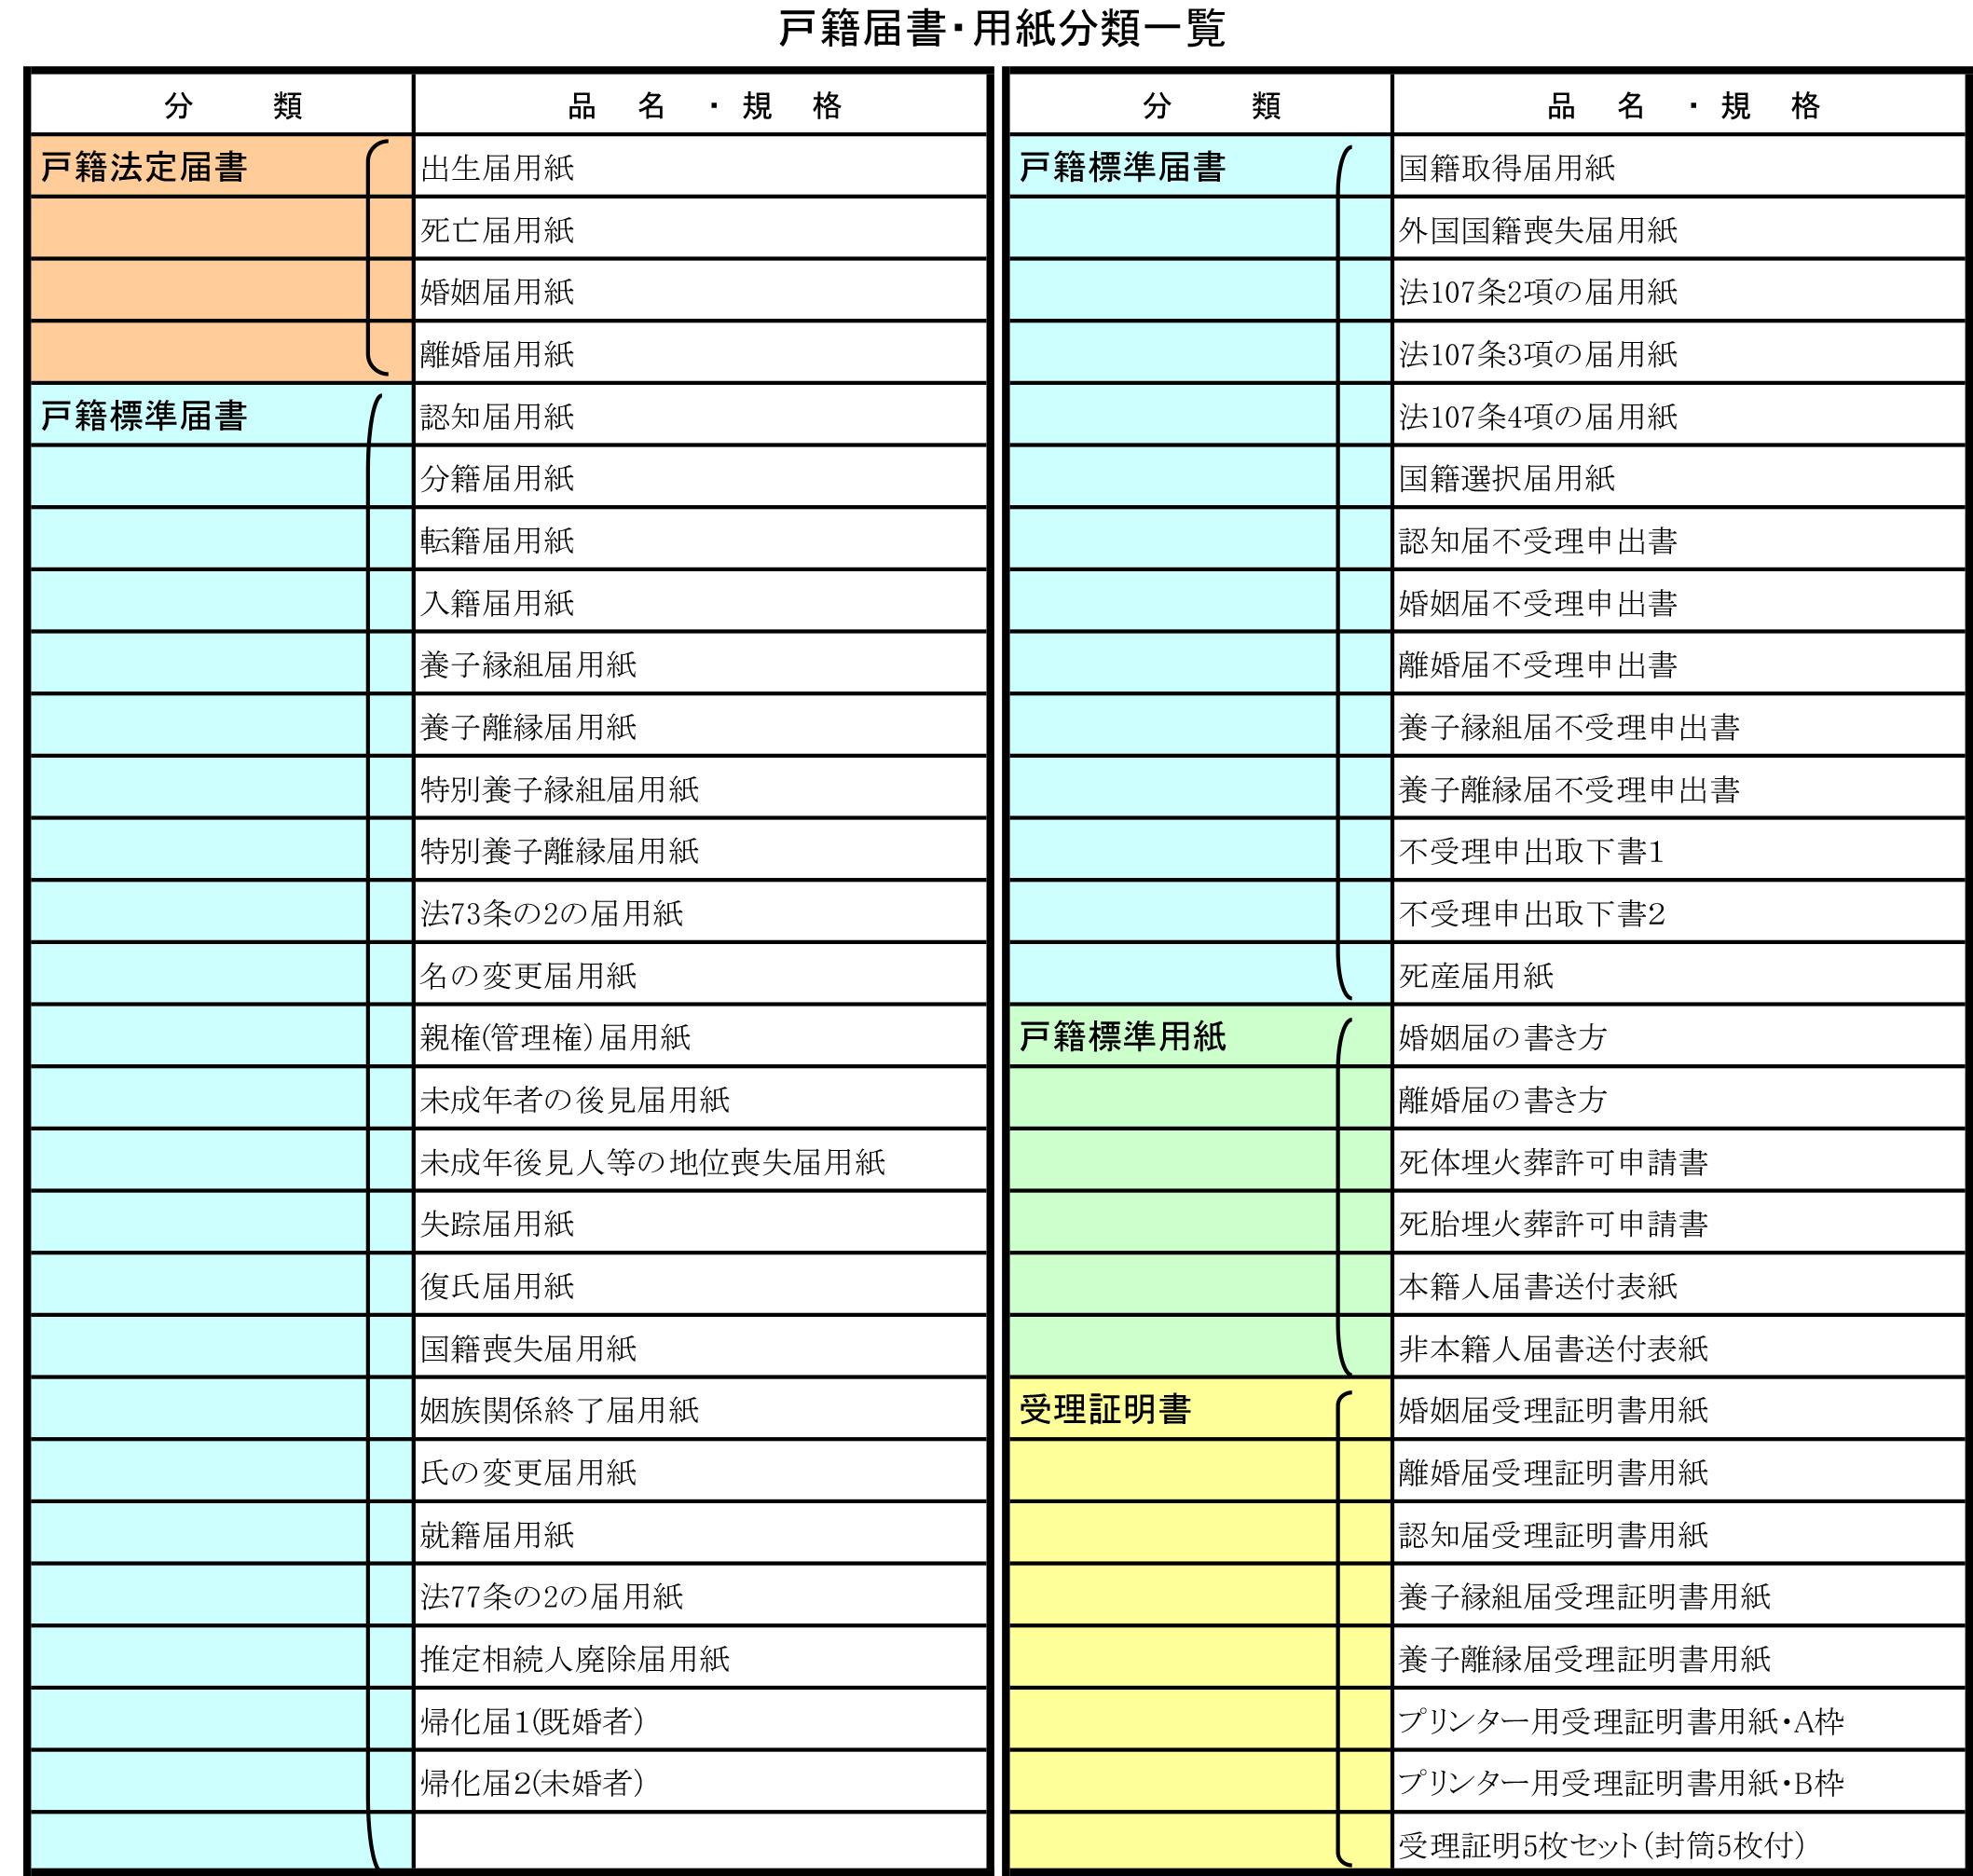 届書分類一覧表